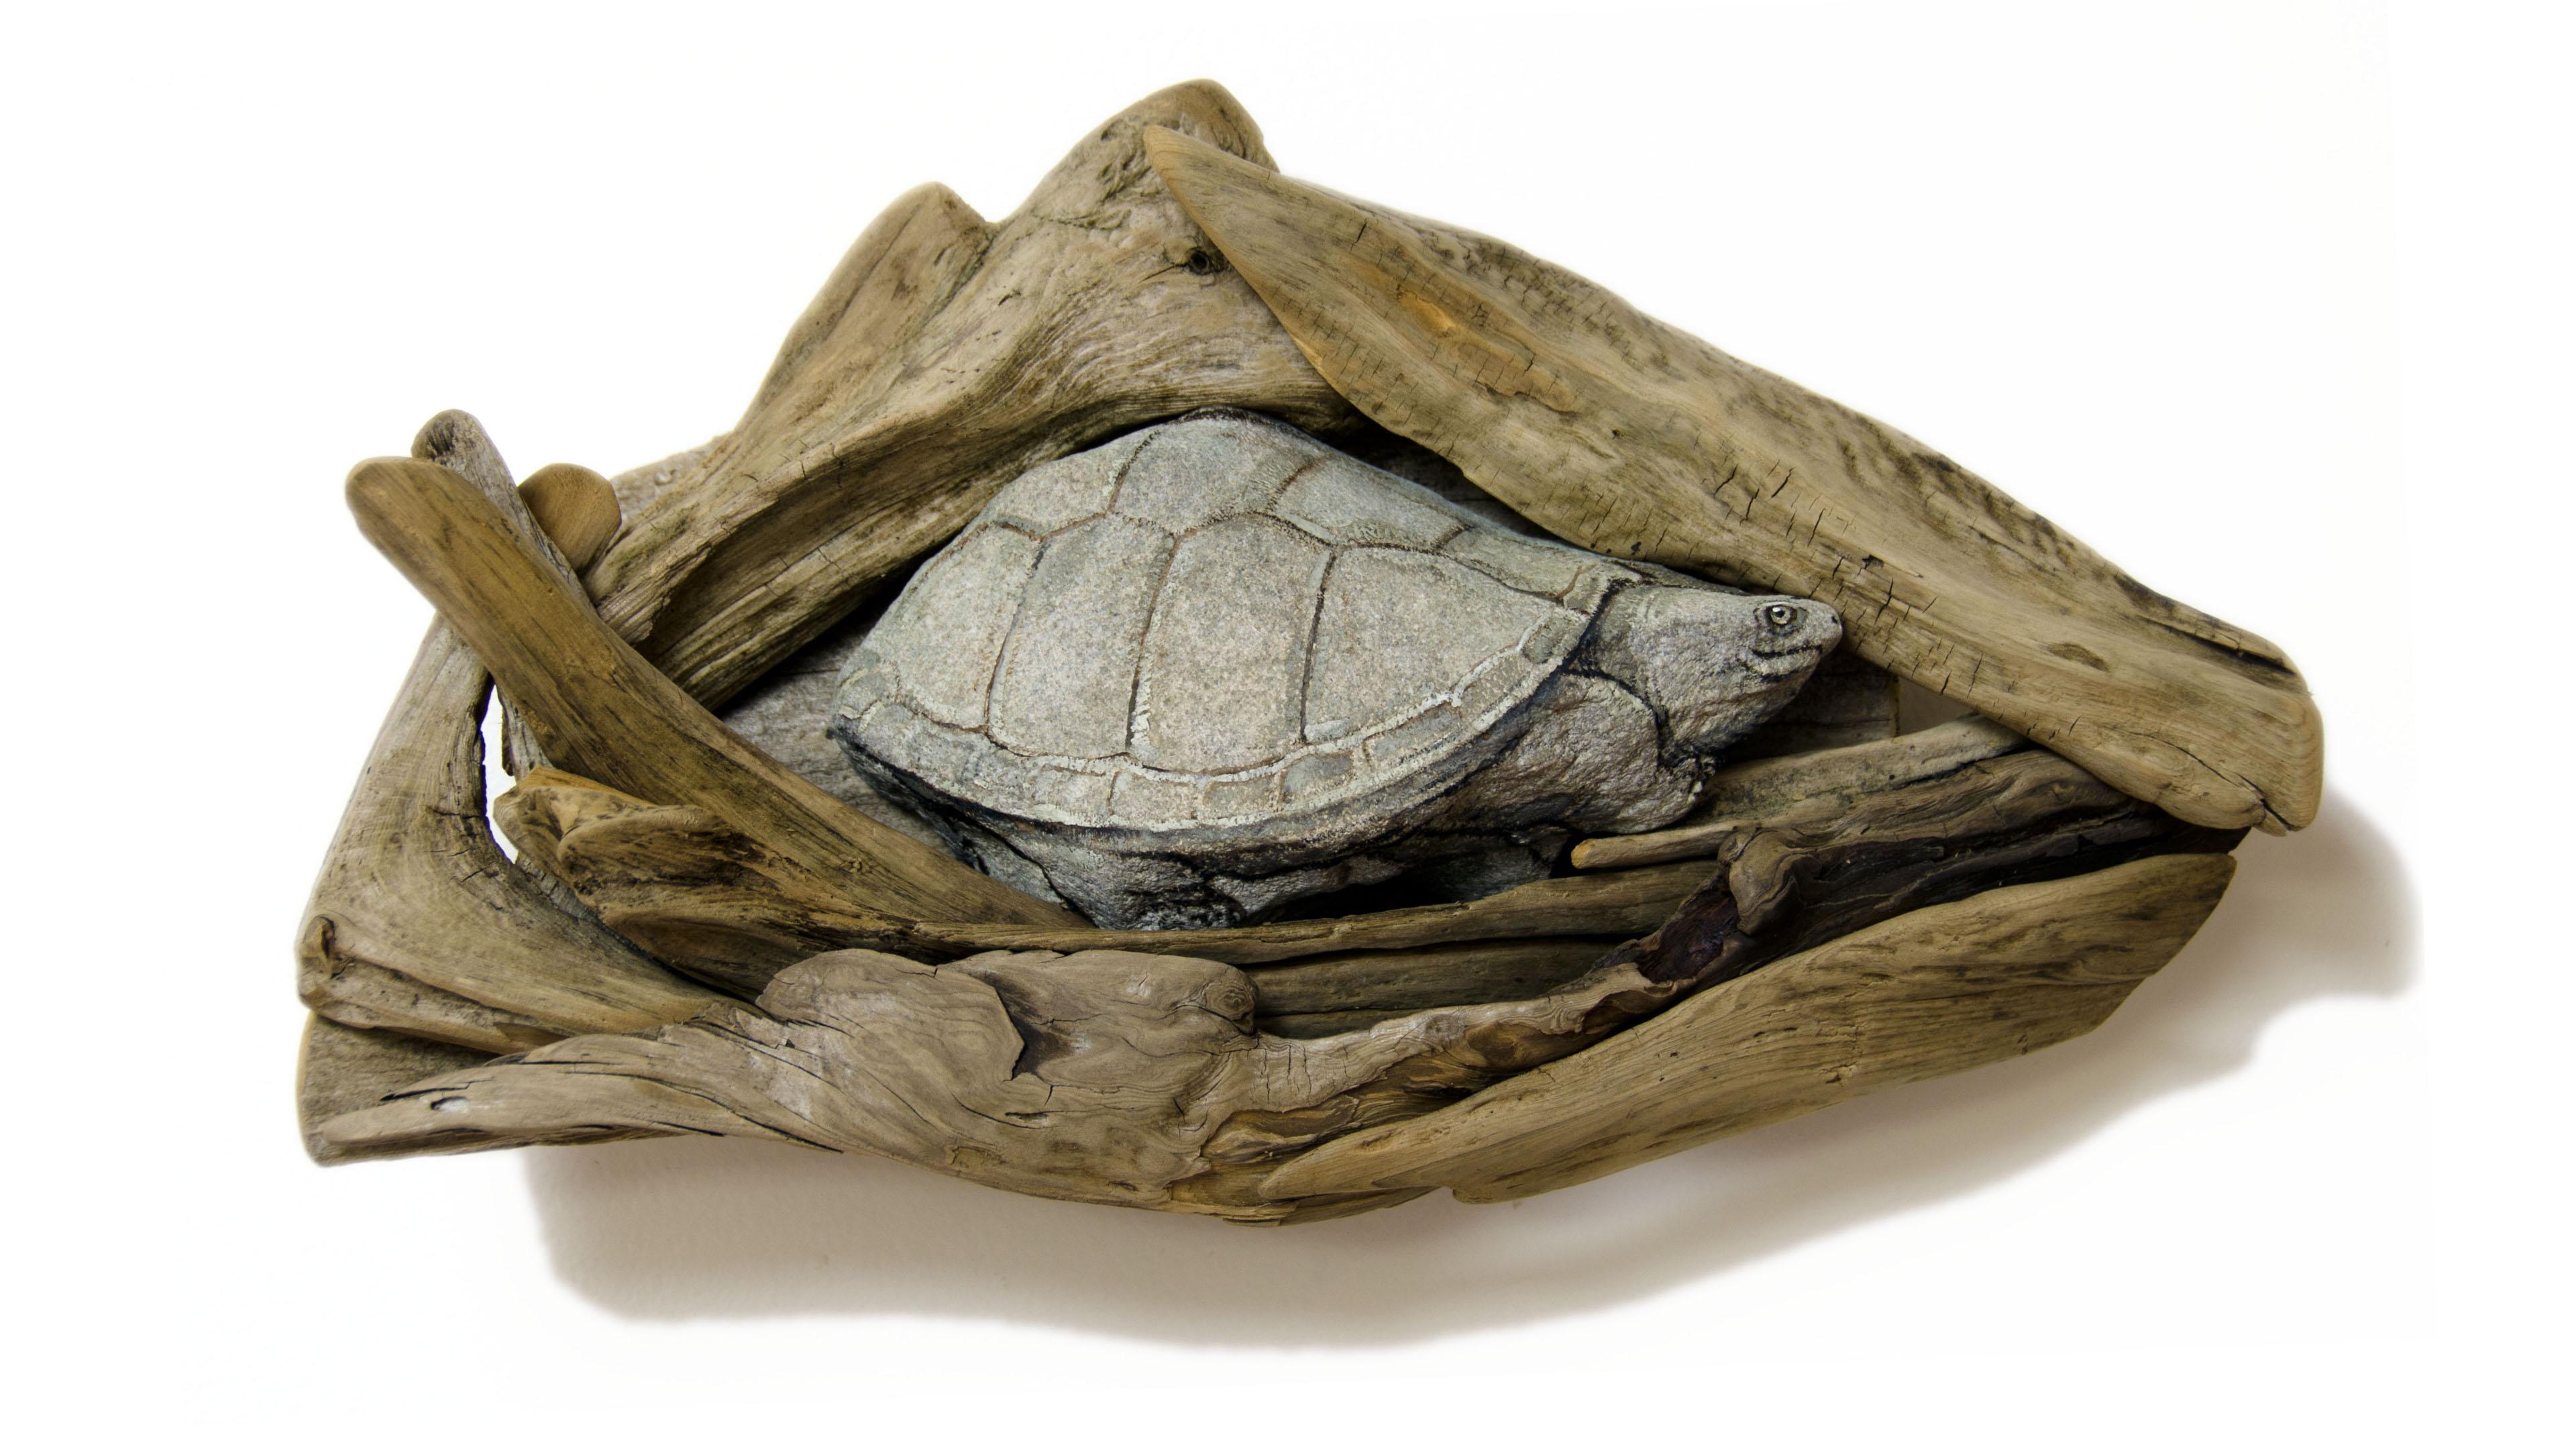 https://0201.nccdn.net/1_2/000/000/0a3/190/Turtle2-Aft.jpg